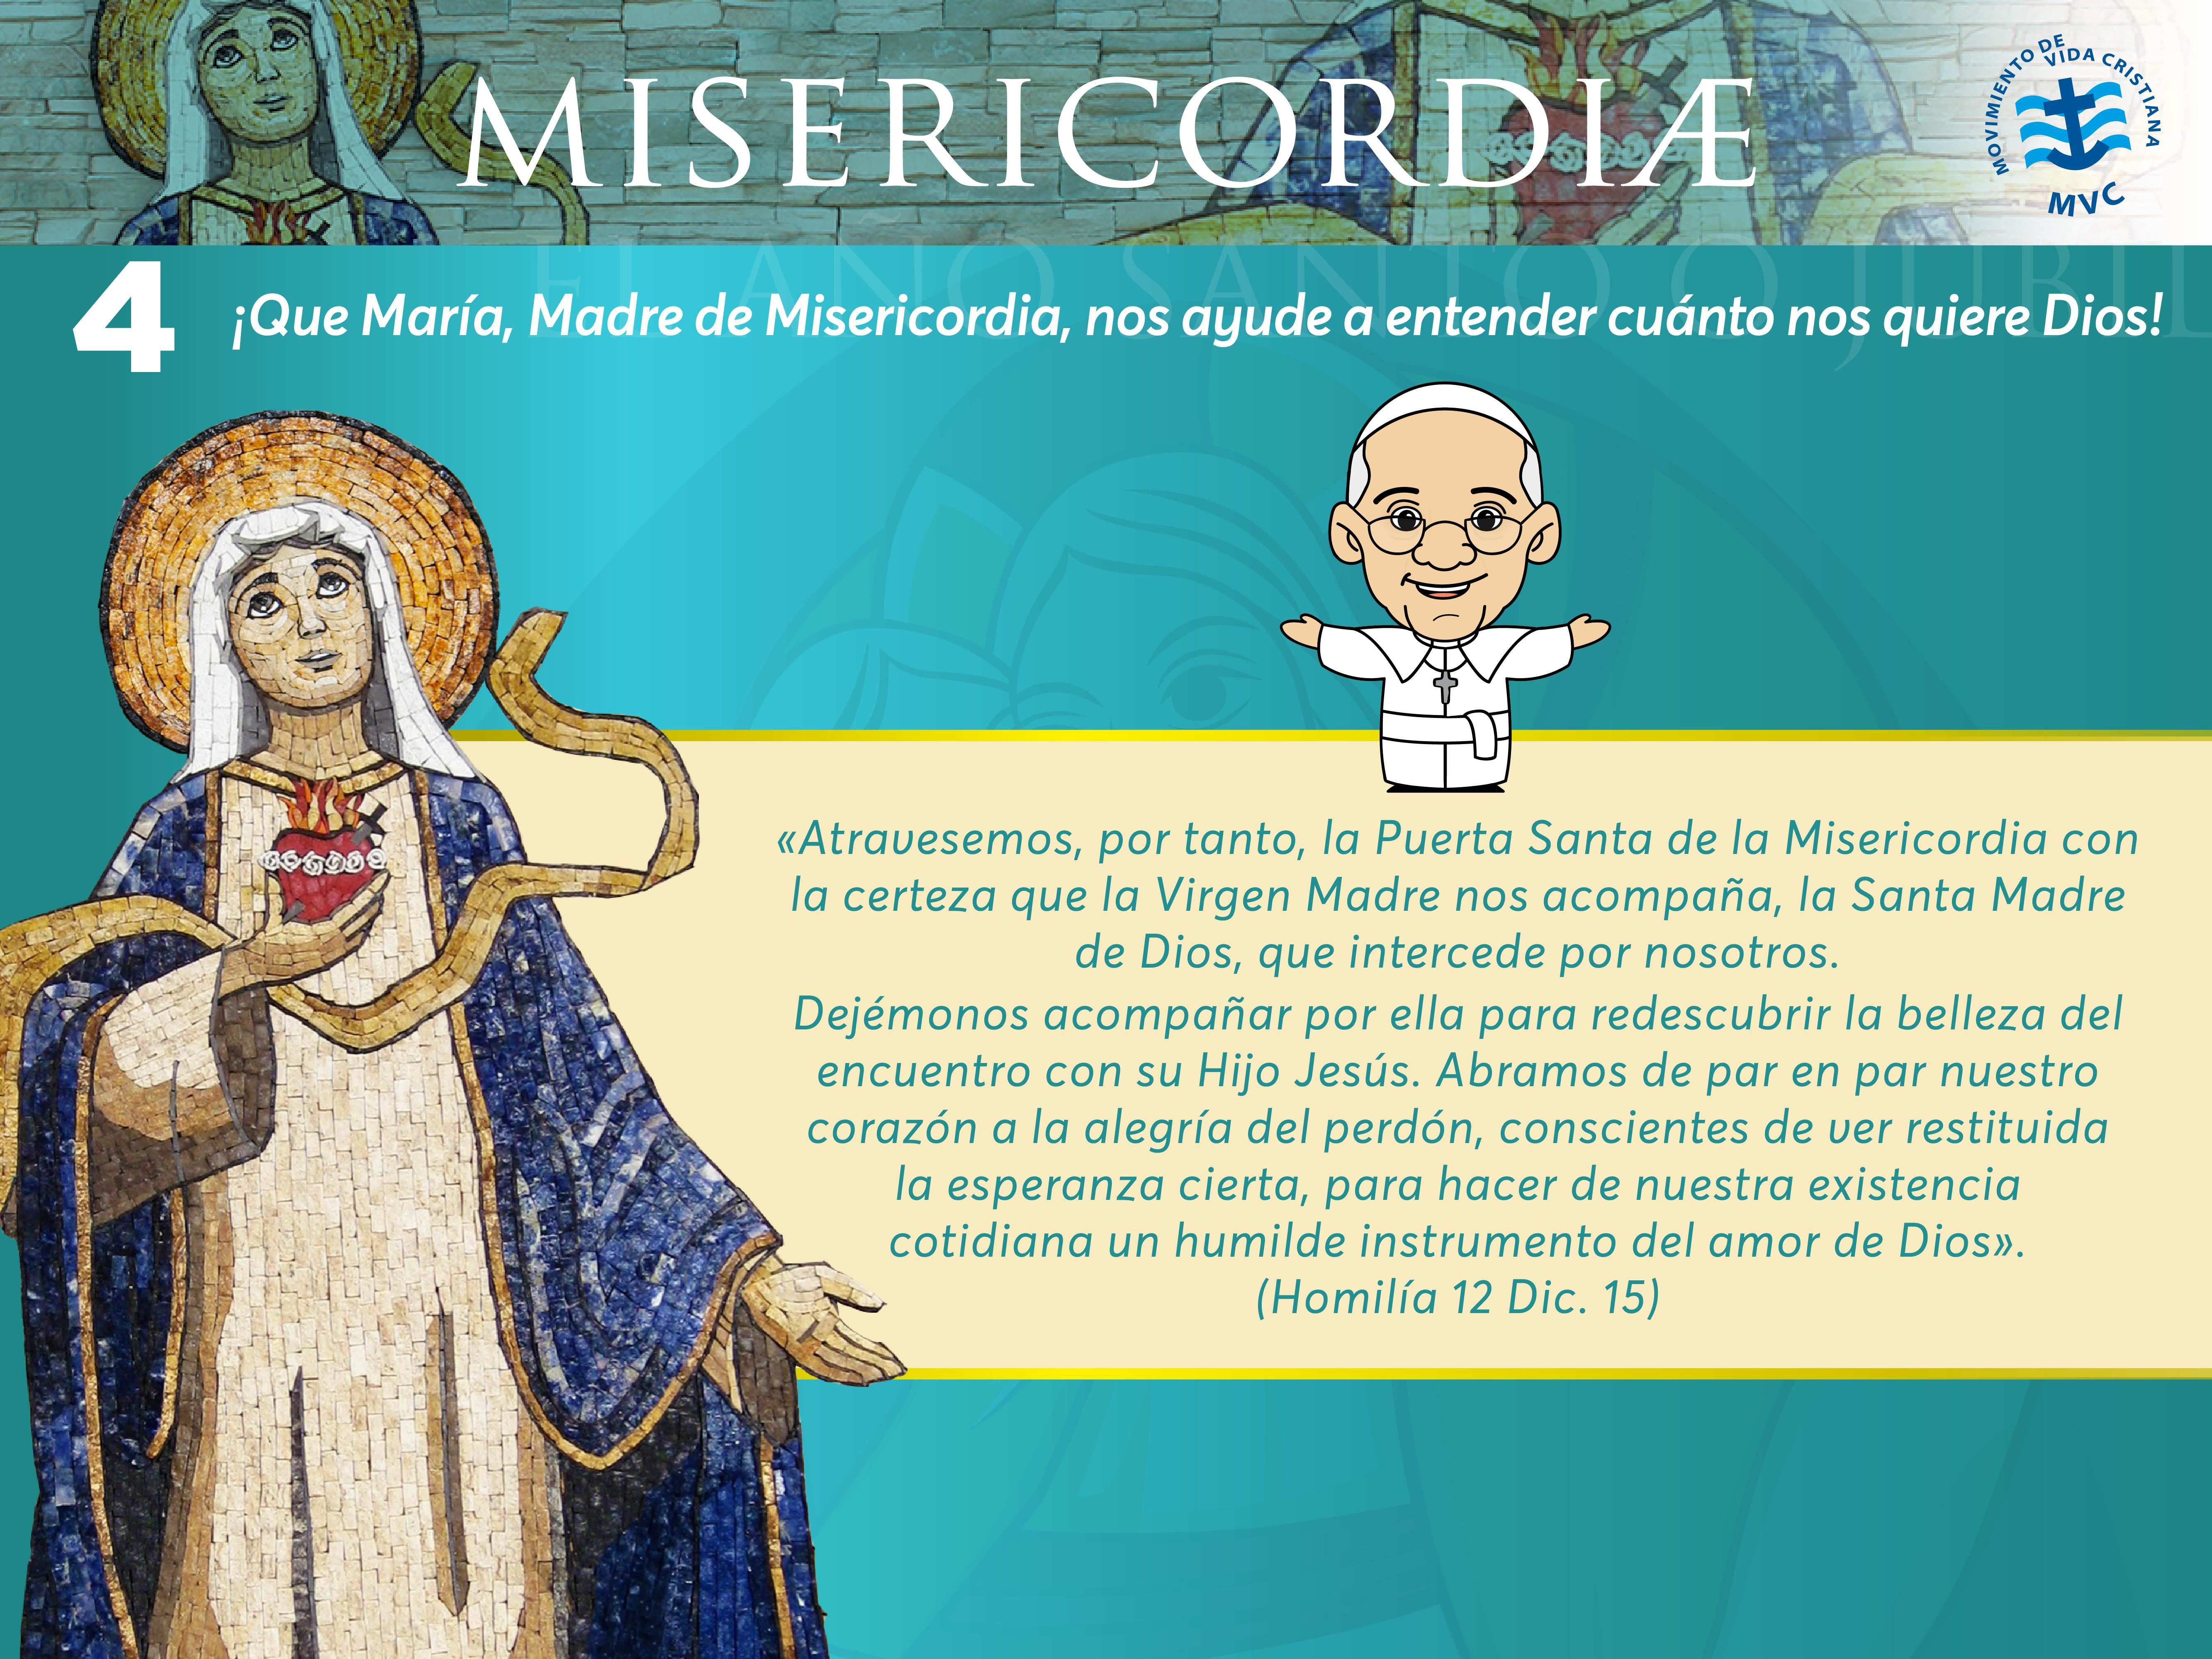 Misericordiae 5-07